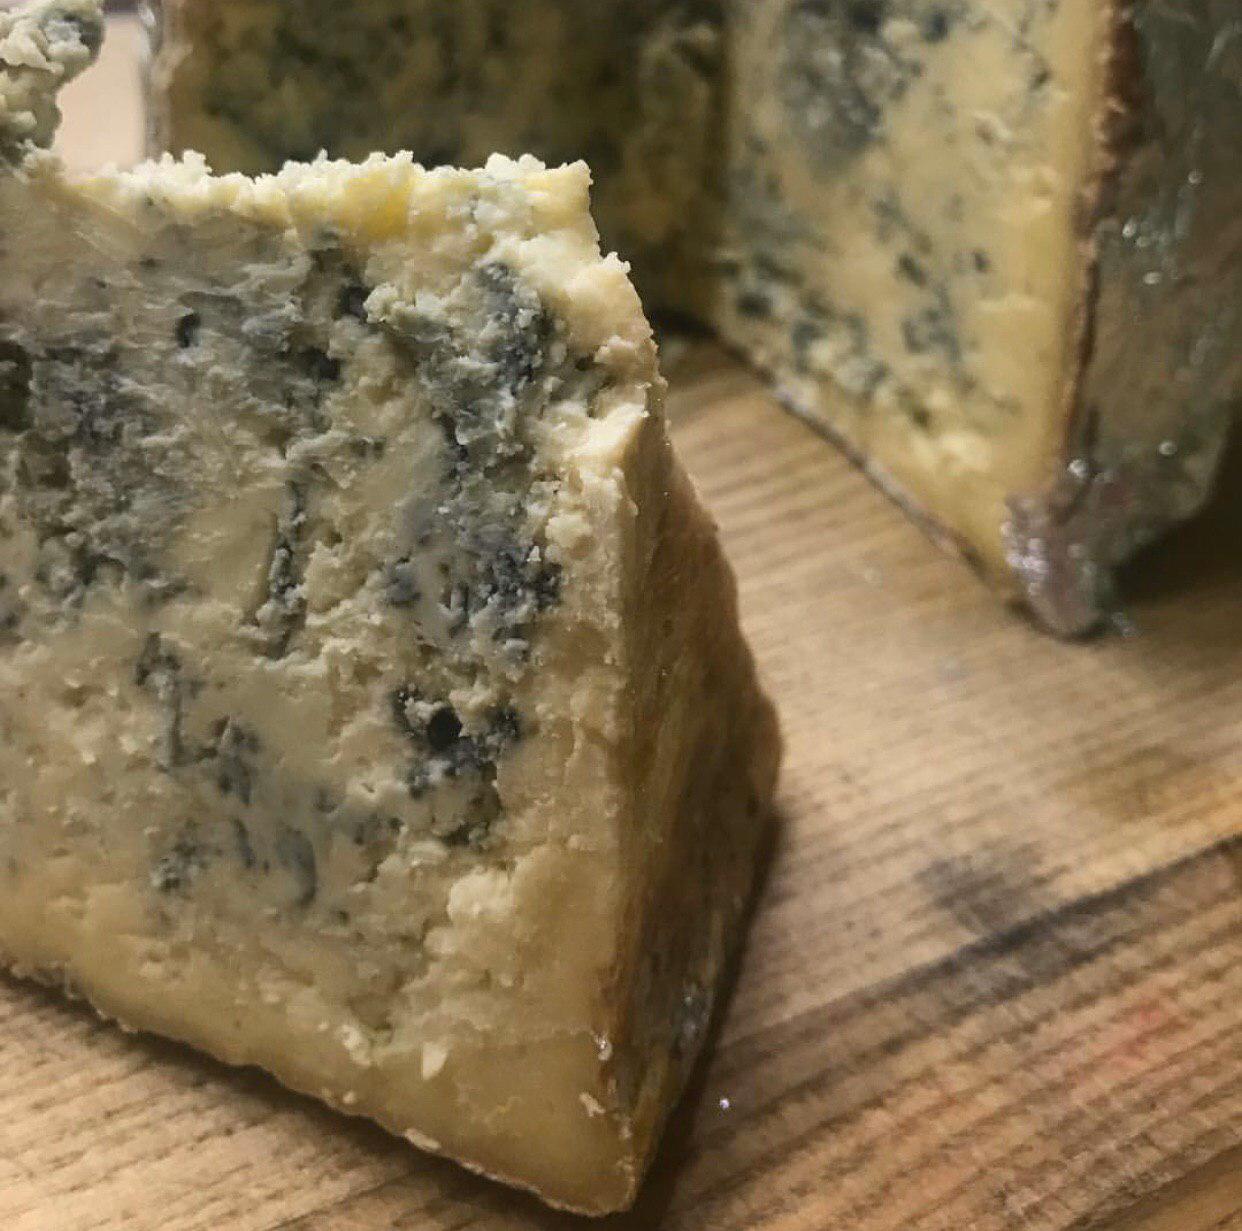 Сыр горгонзола коровий - неповторимое разнообразие вкуса и аромата!